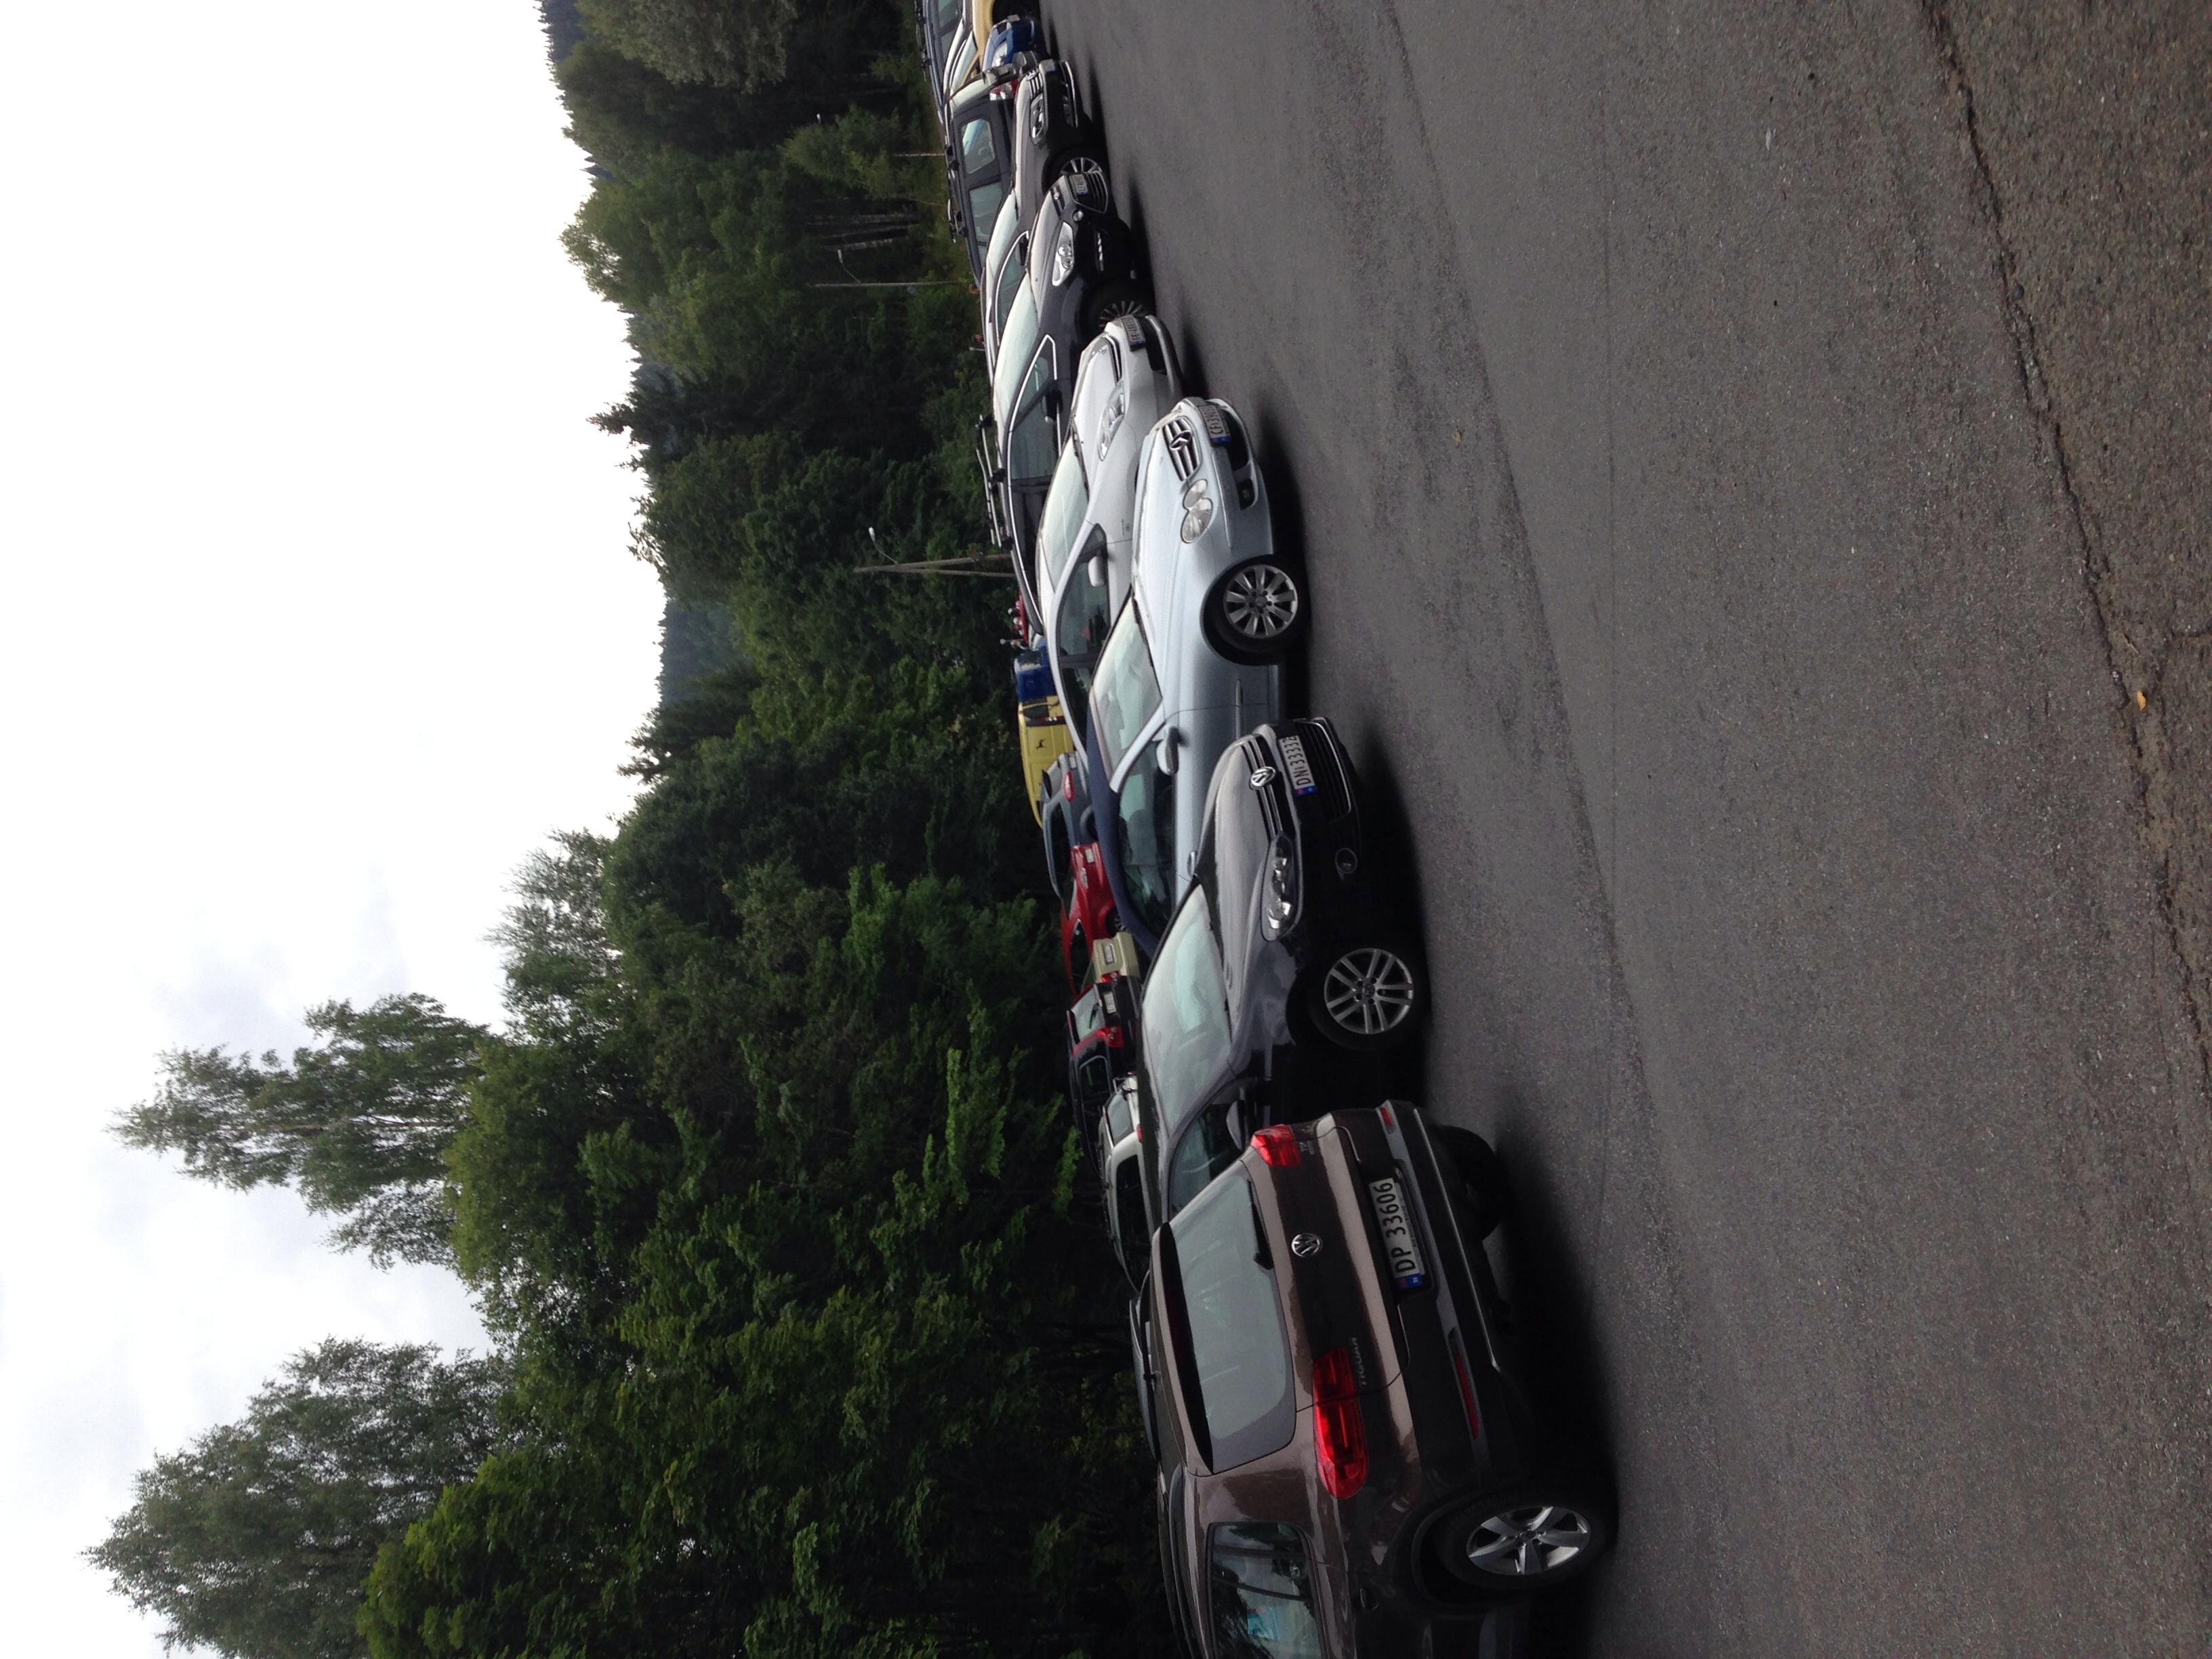 Godt oppmøte ved Skar i dag, uvanlig mye biler for å være 17:30 på en rolig tirsdag.